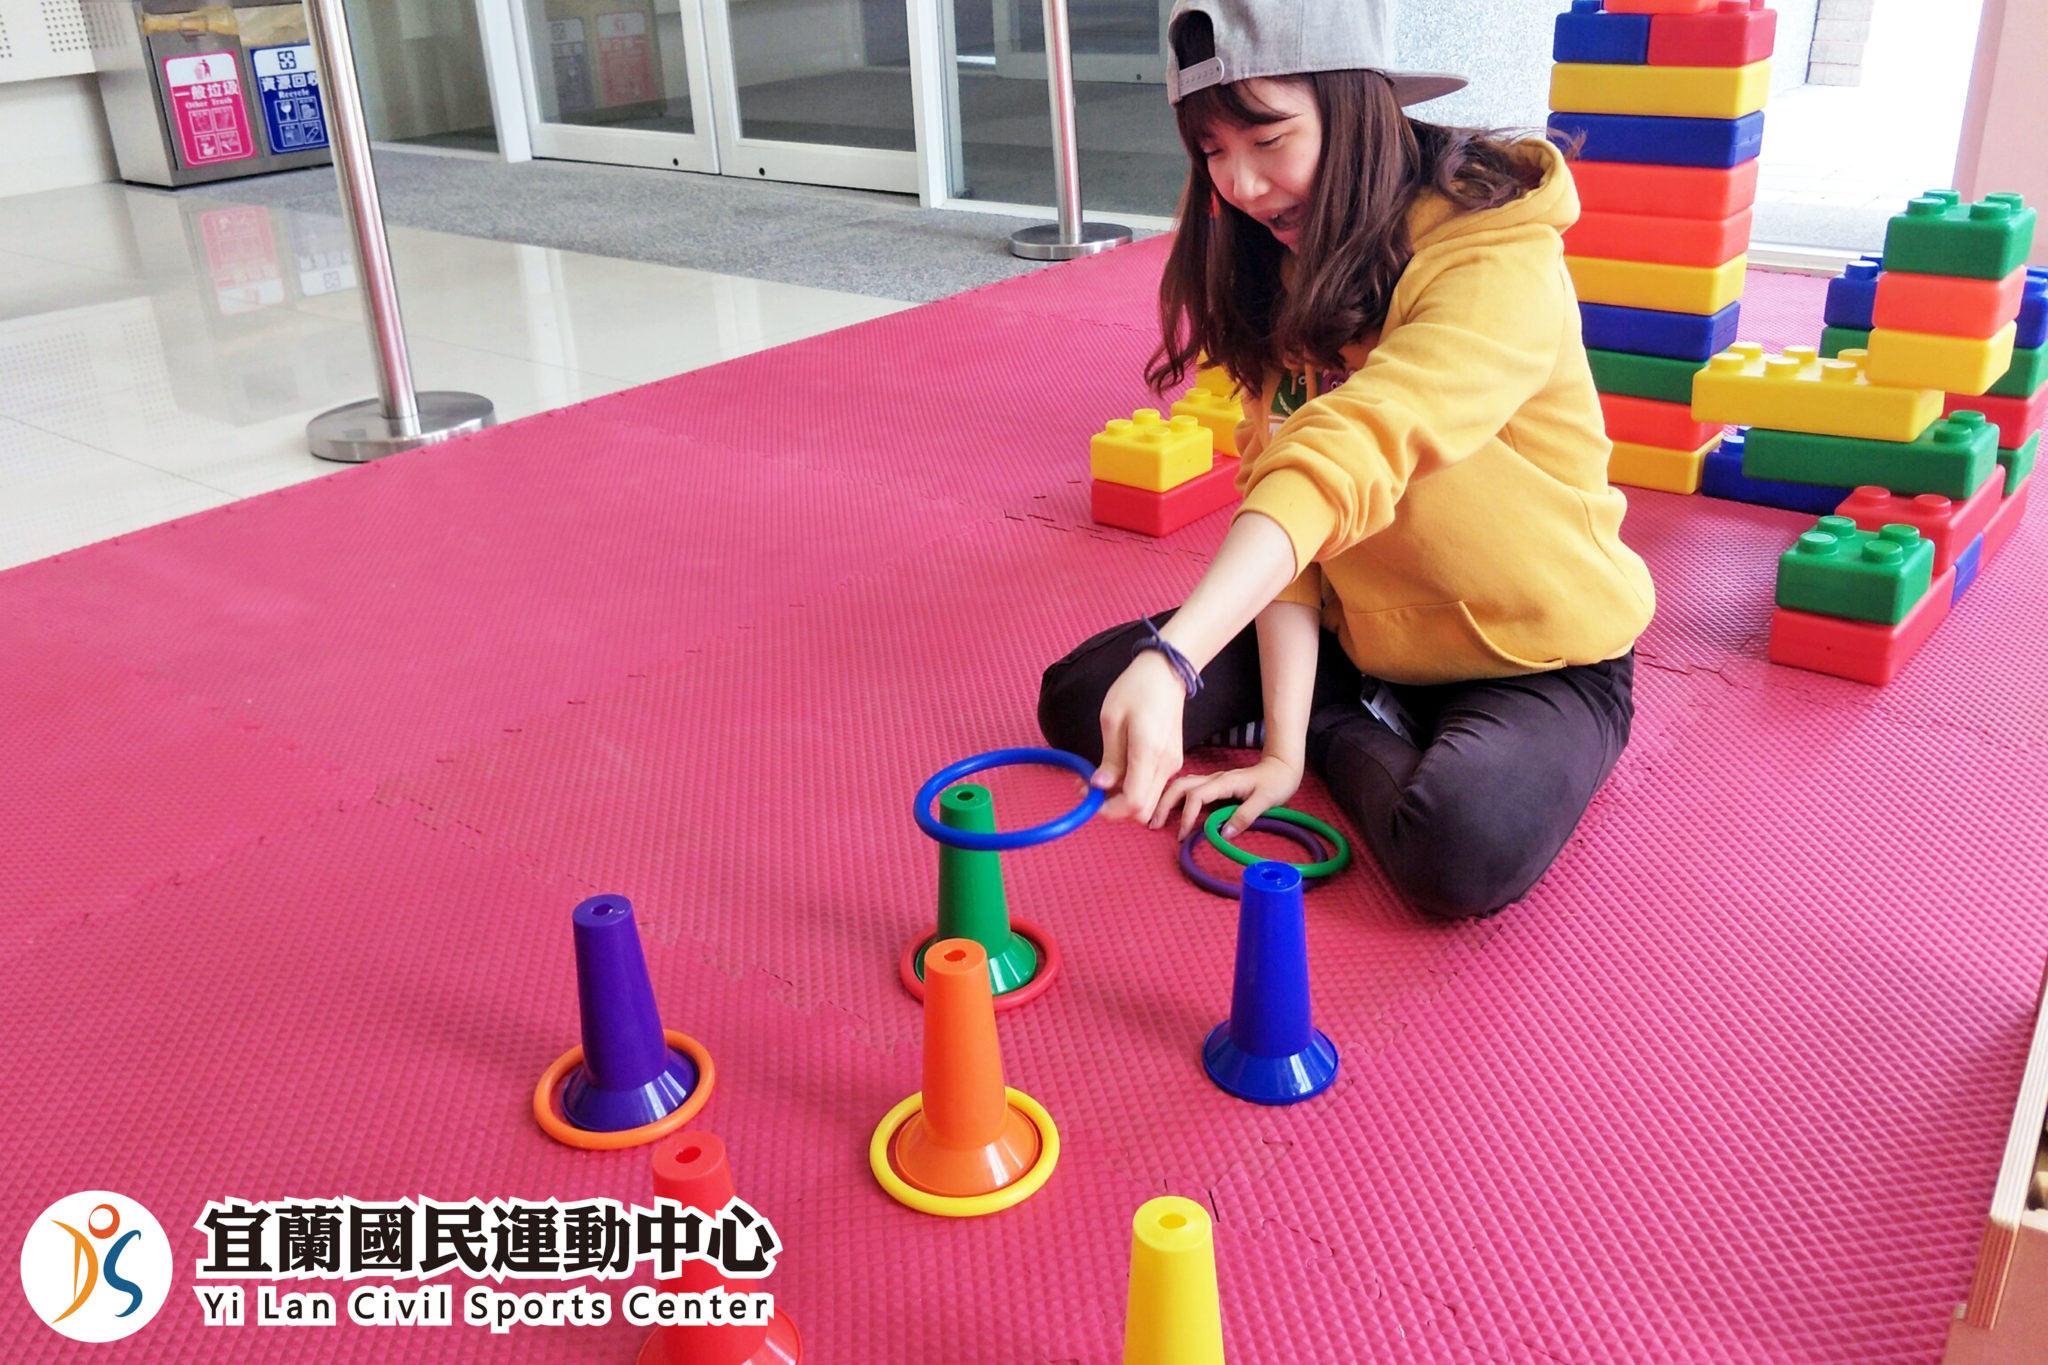 兒童遊戲區-學員玩套圈圈(jpg)